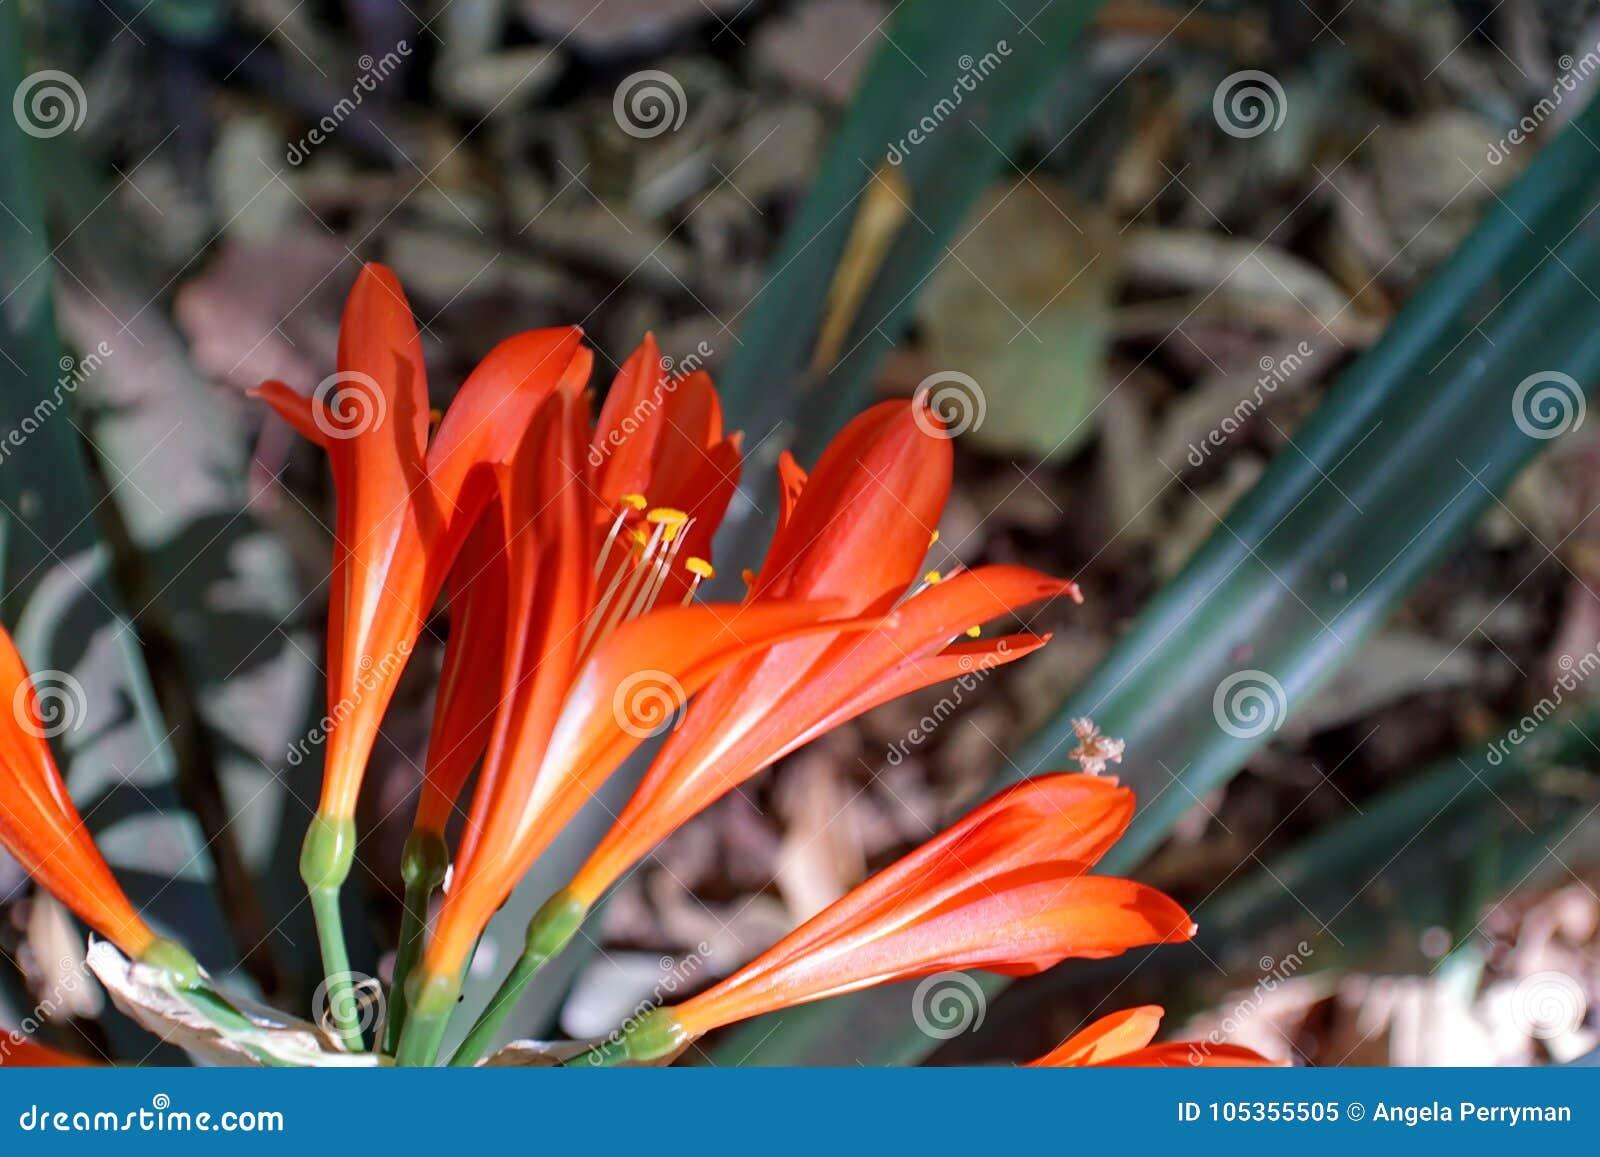 Orange clivia in Pretoria, South Africa